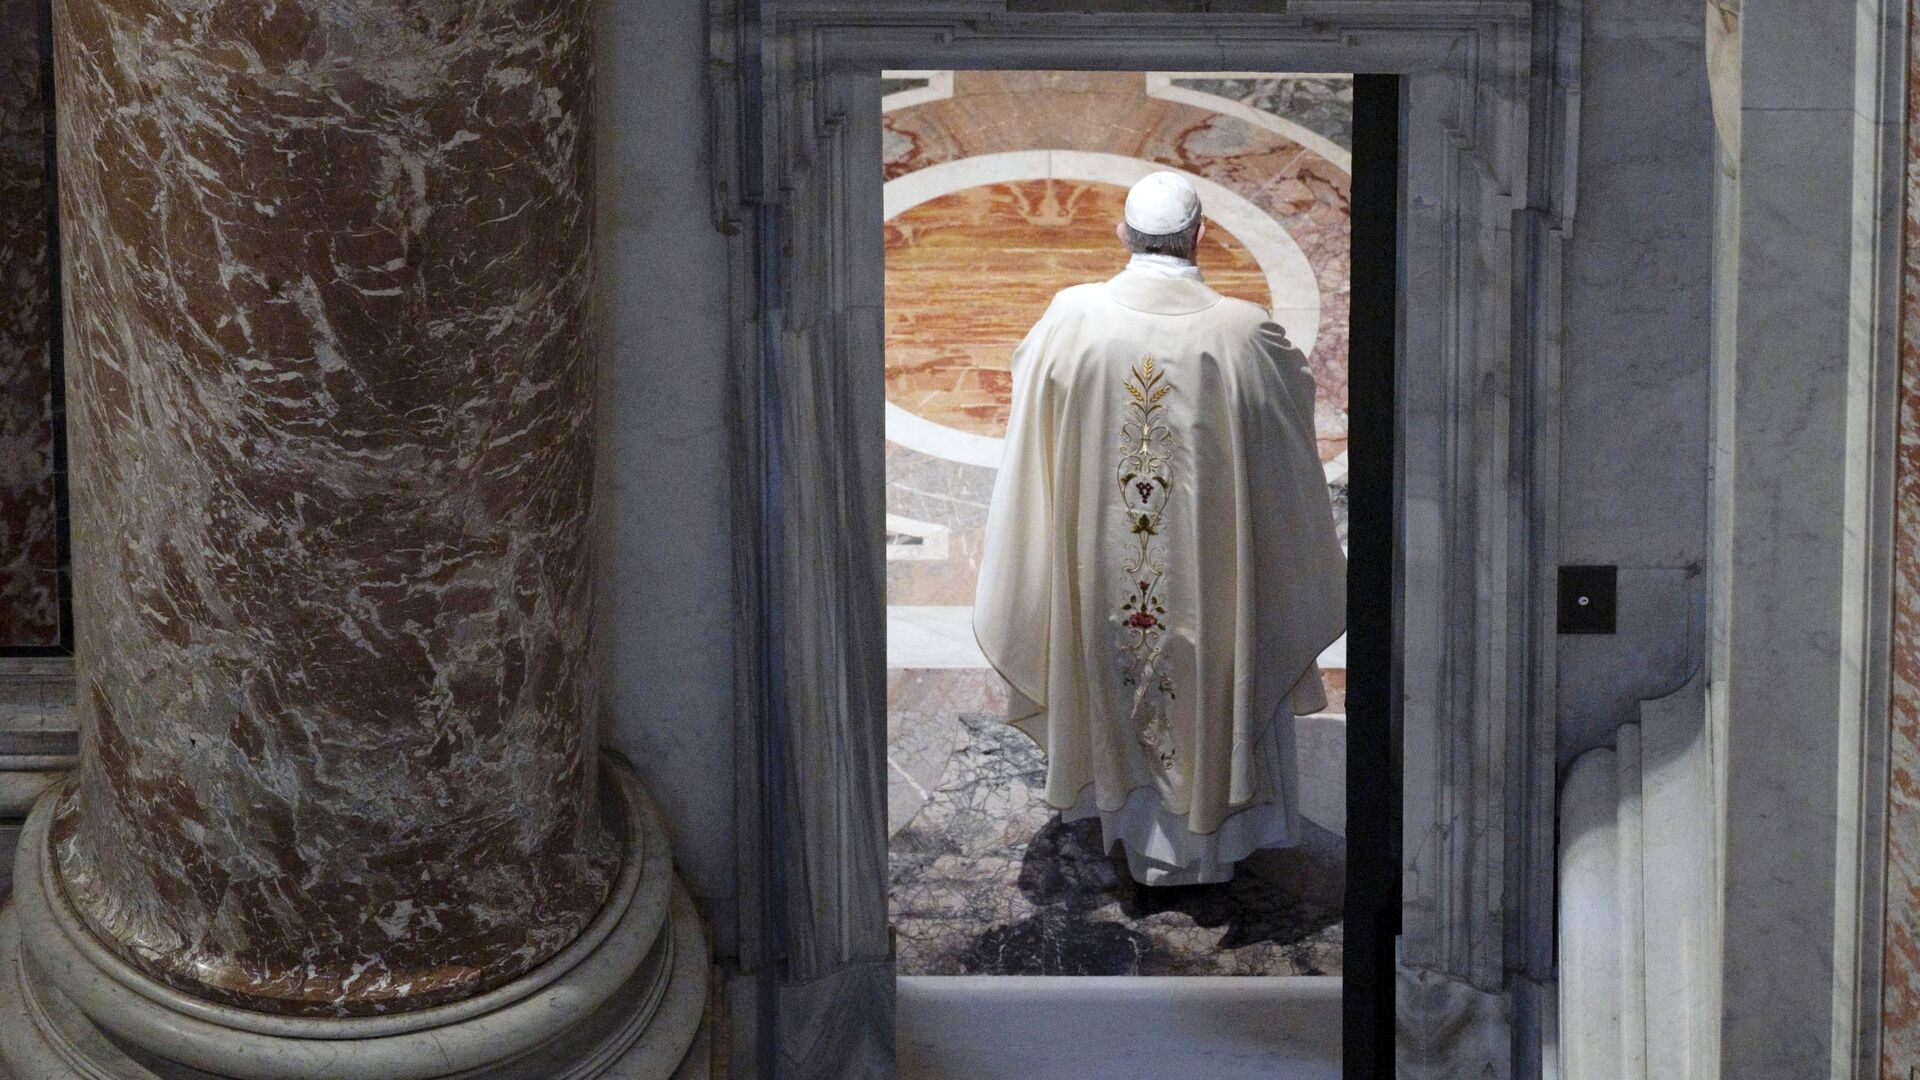 Papież Franciszek w Bazylice św. Piotra w Watykanie - Sputnik Polska, 1920, 14.07.2021